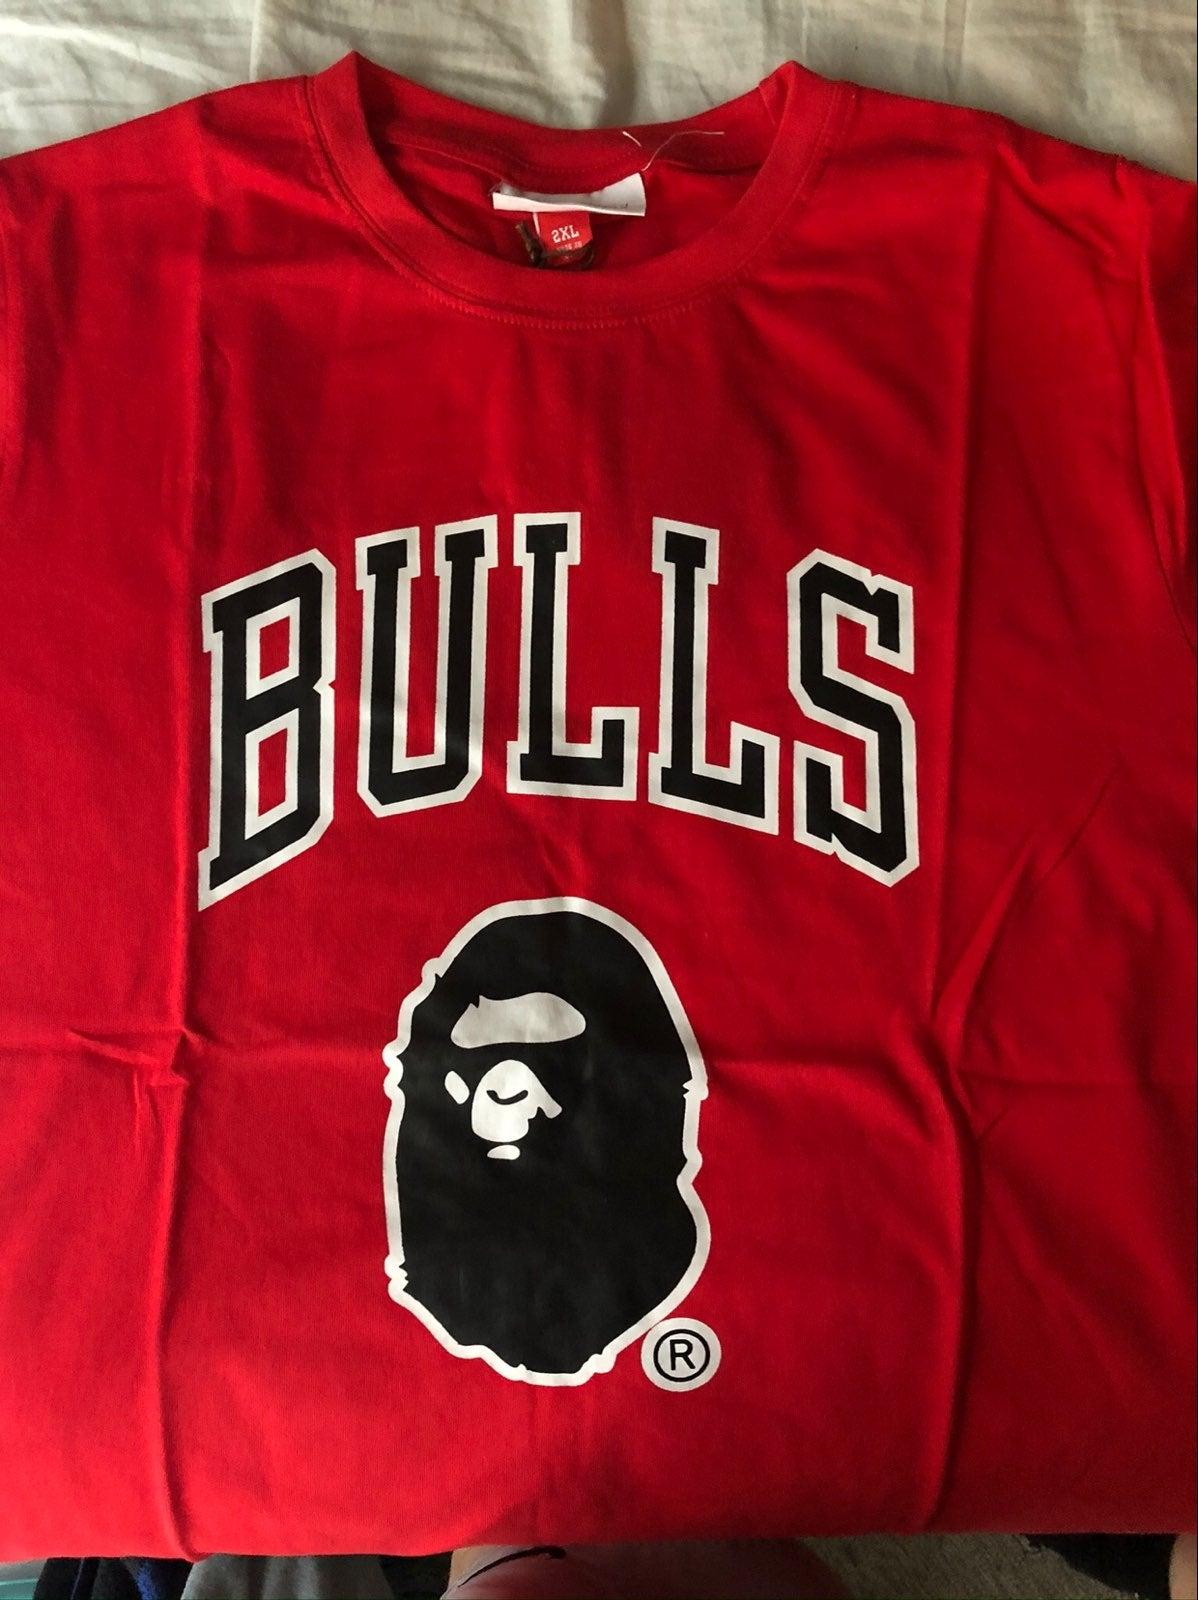 Bape Bulls tee